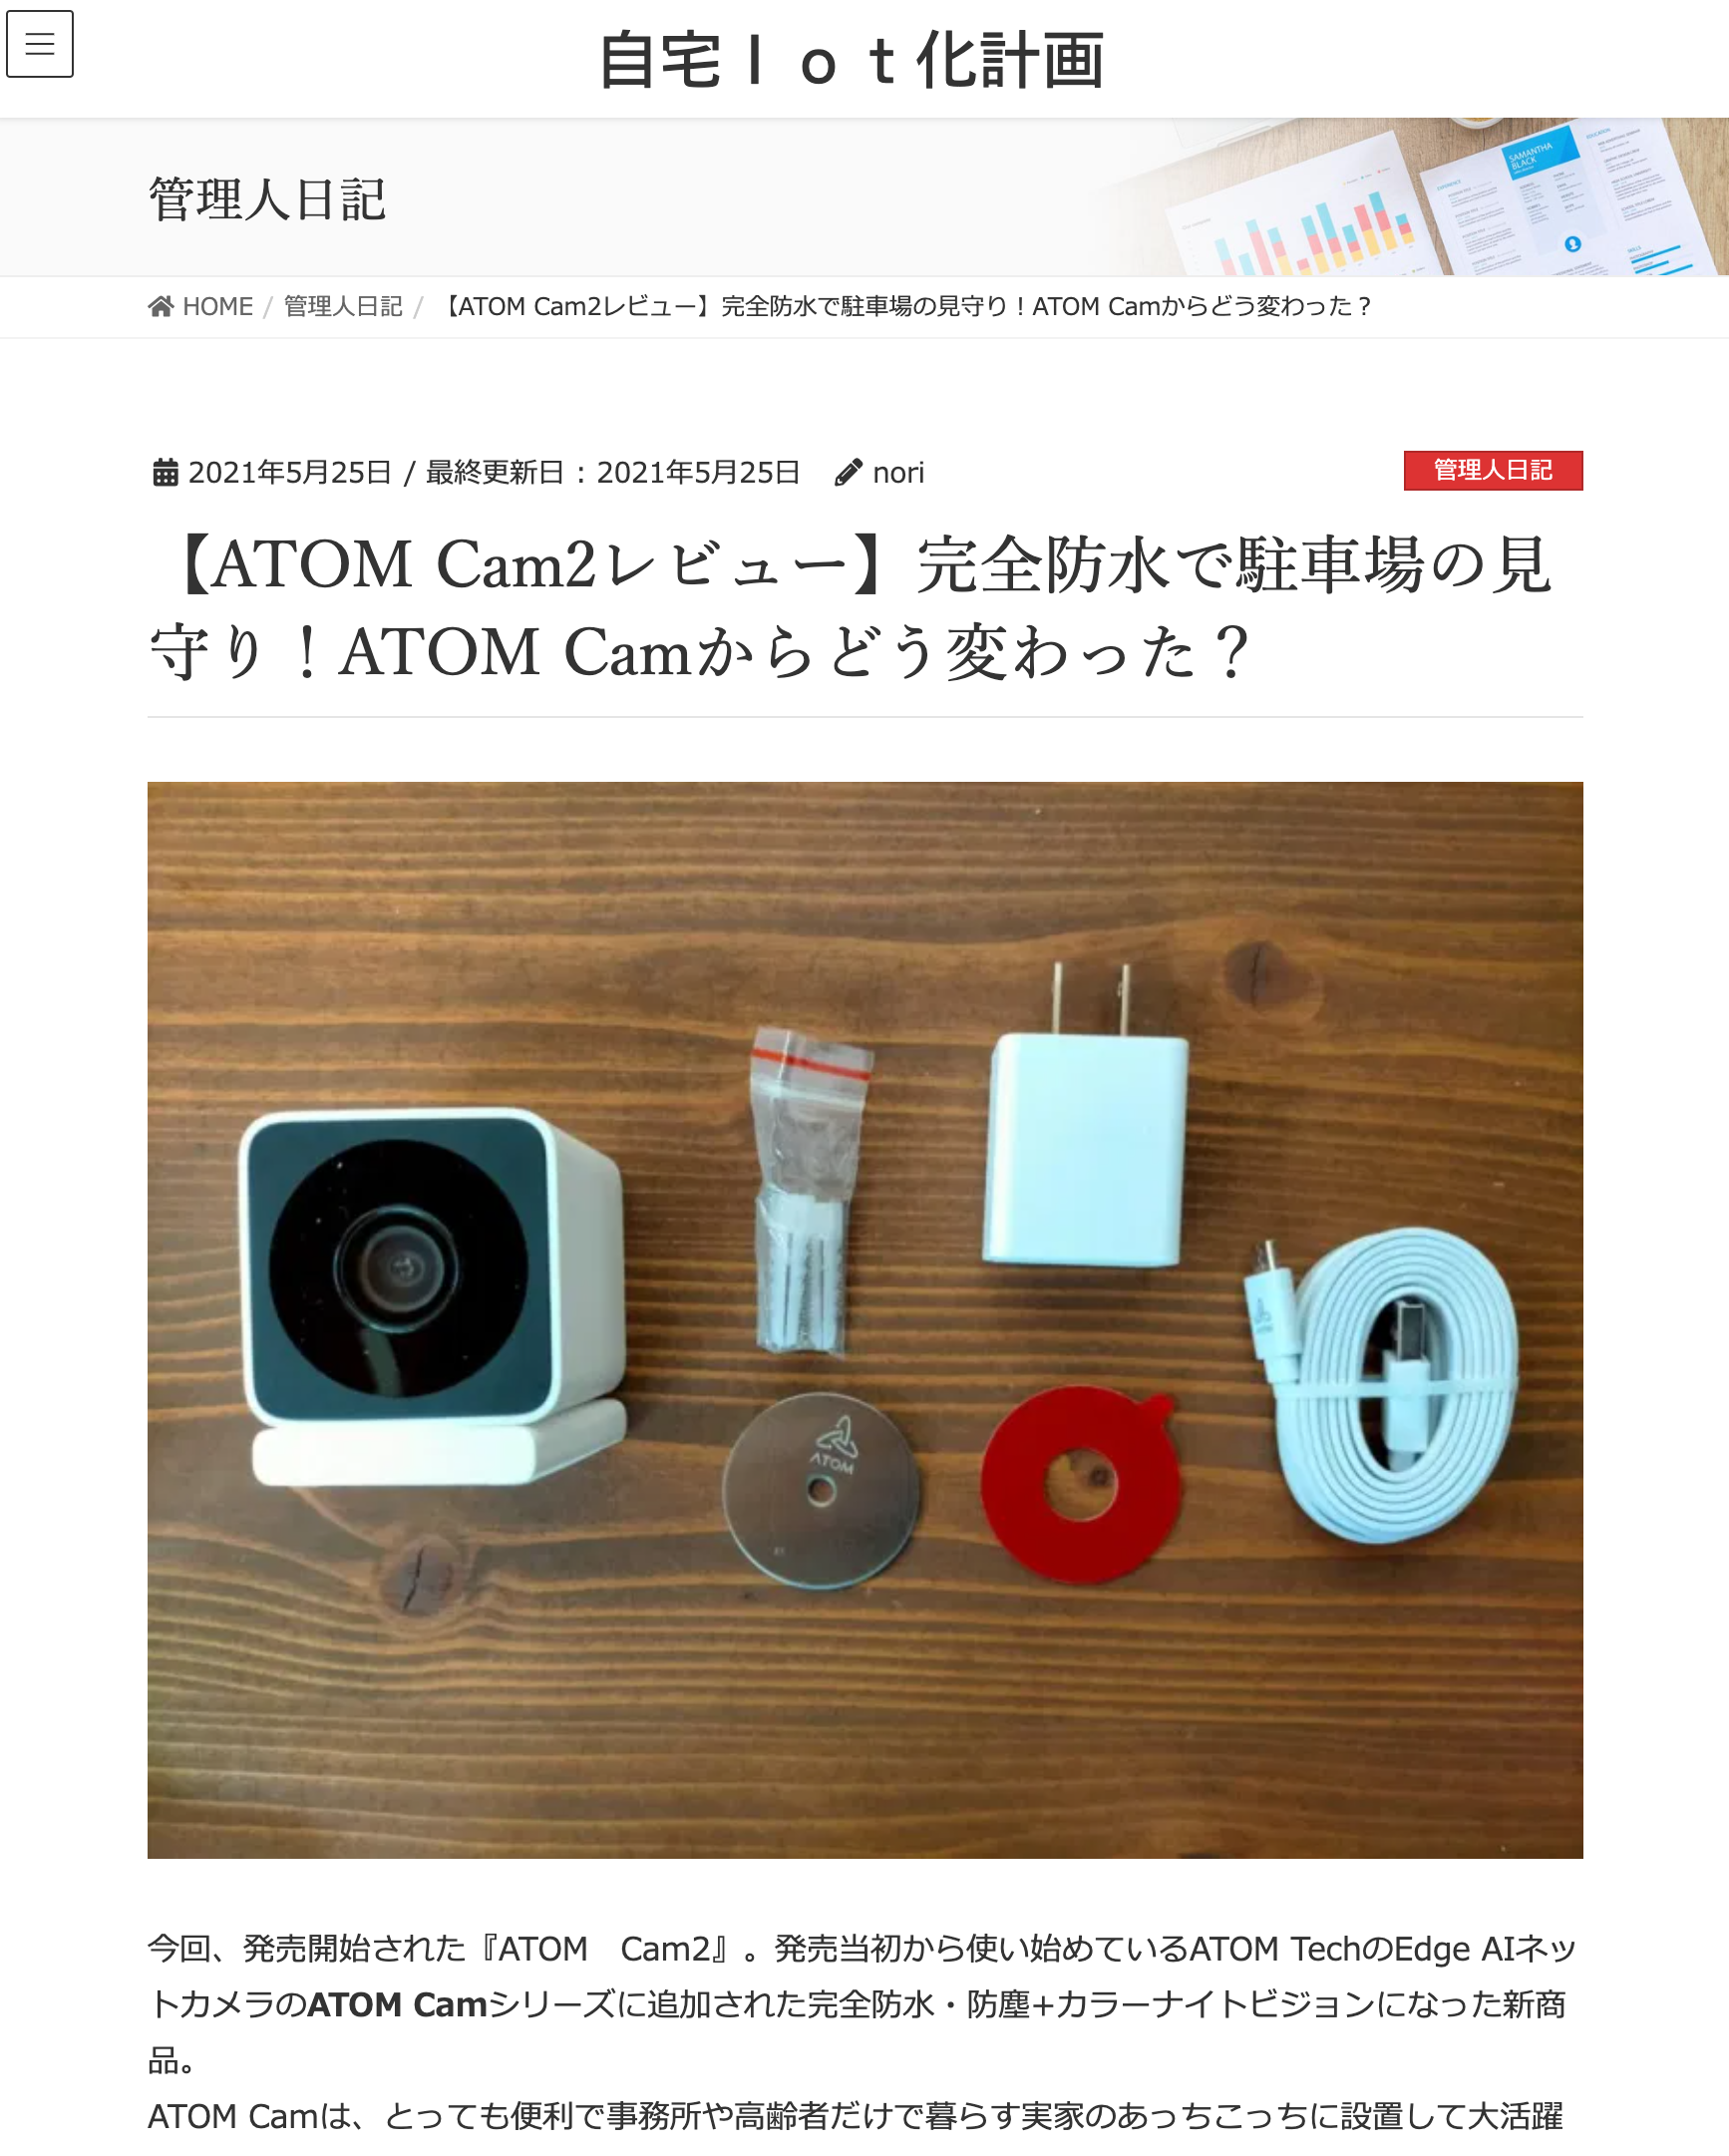 自宅Iot化計画にATOM Cam 2について掲載していただきました